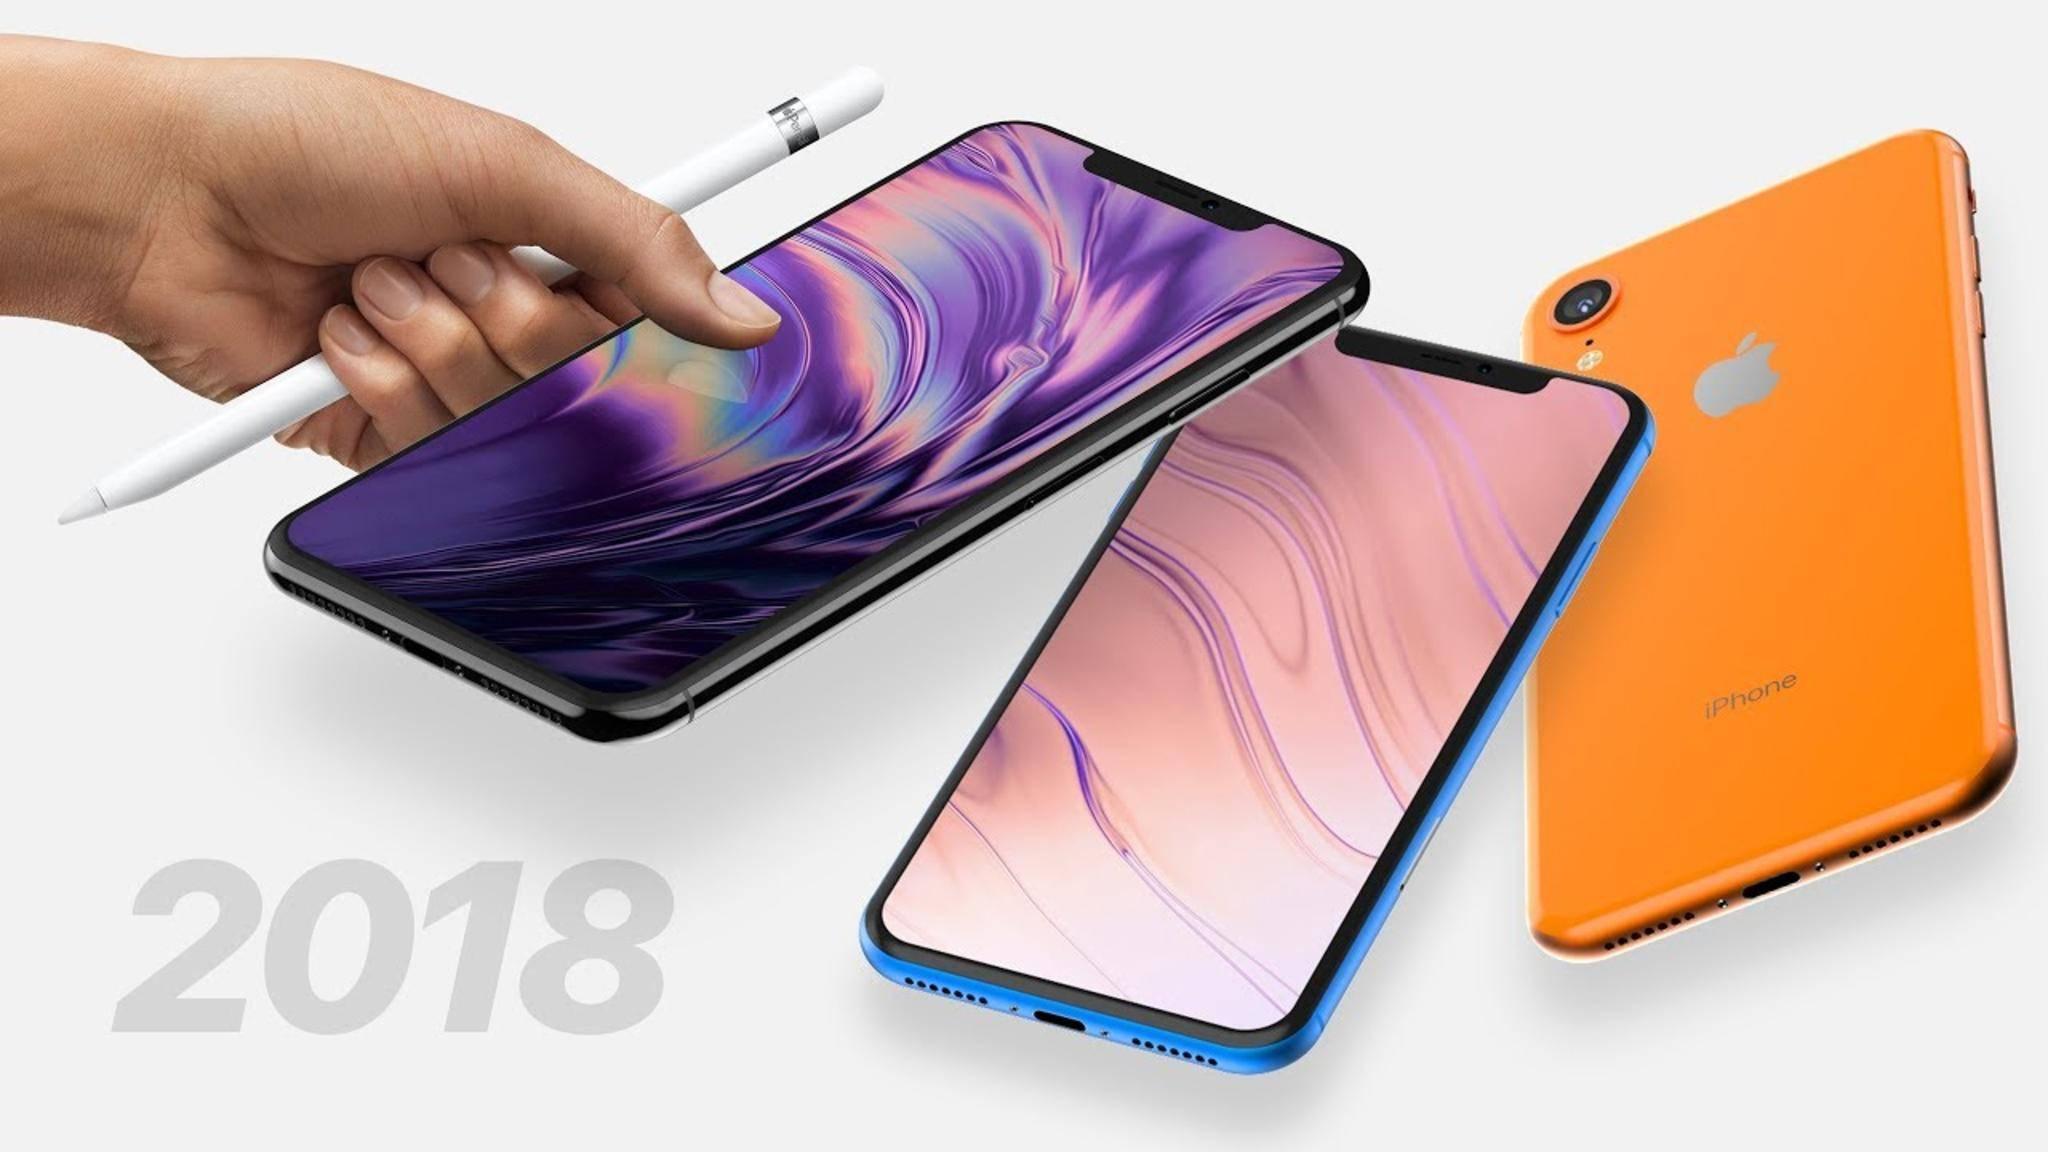 Ein iPhone mit Apple Pencil? Zumindest 2018 soll es soweit wohl noch nicht sein.